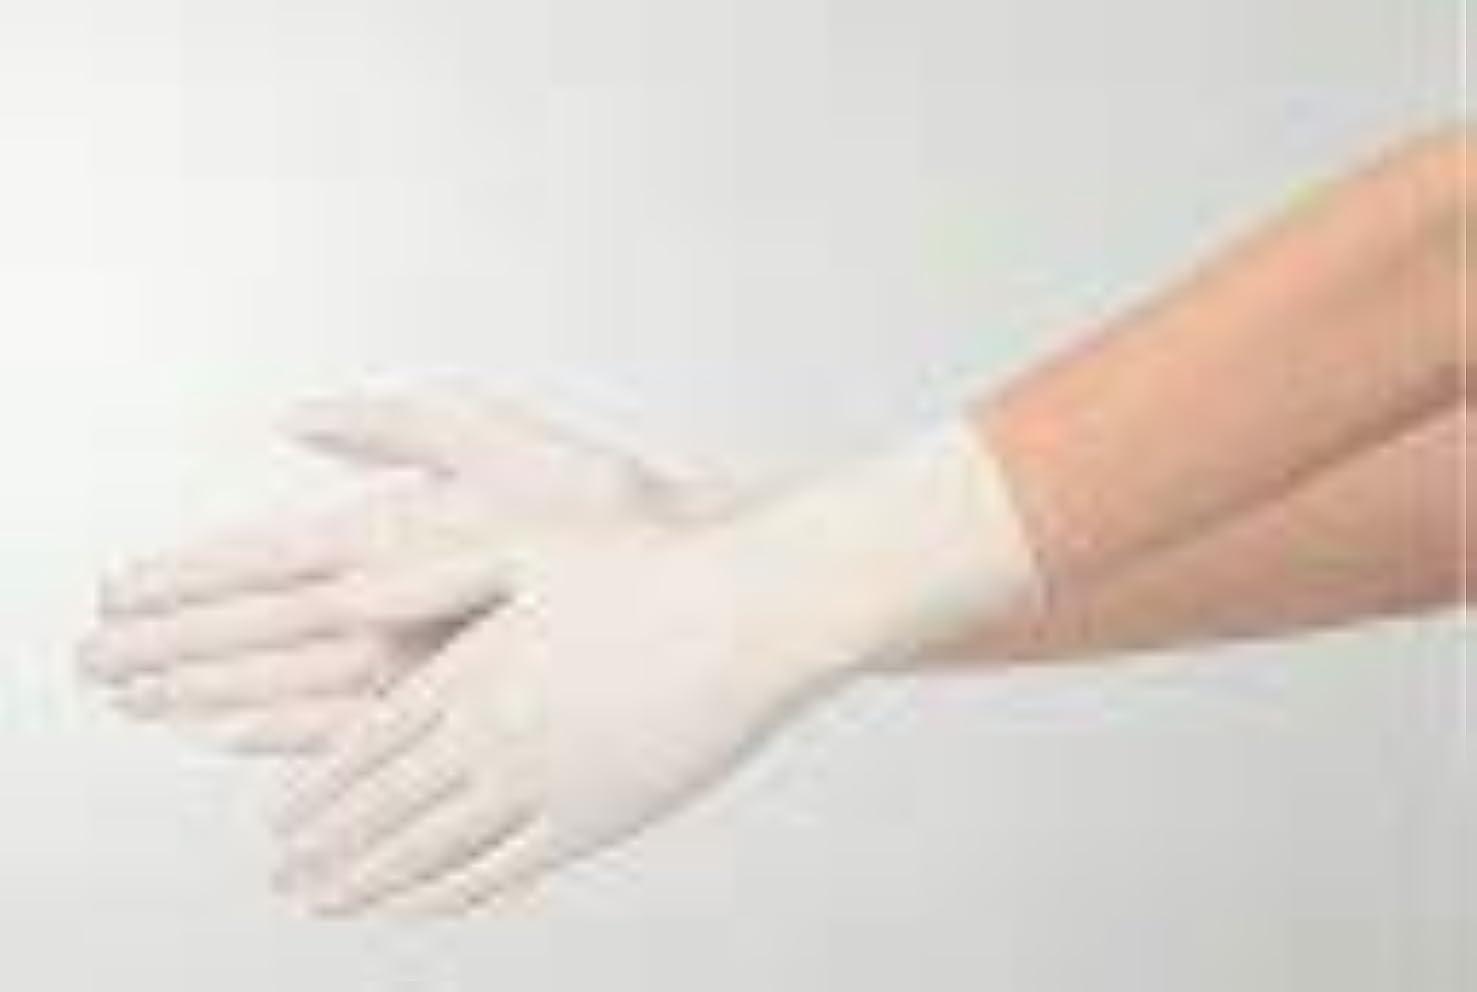 名誉ある名誉あるできればエブノラテックス手袋No.450 ディスポラテックス 粉付 (M) 白 100枚入 20箱